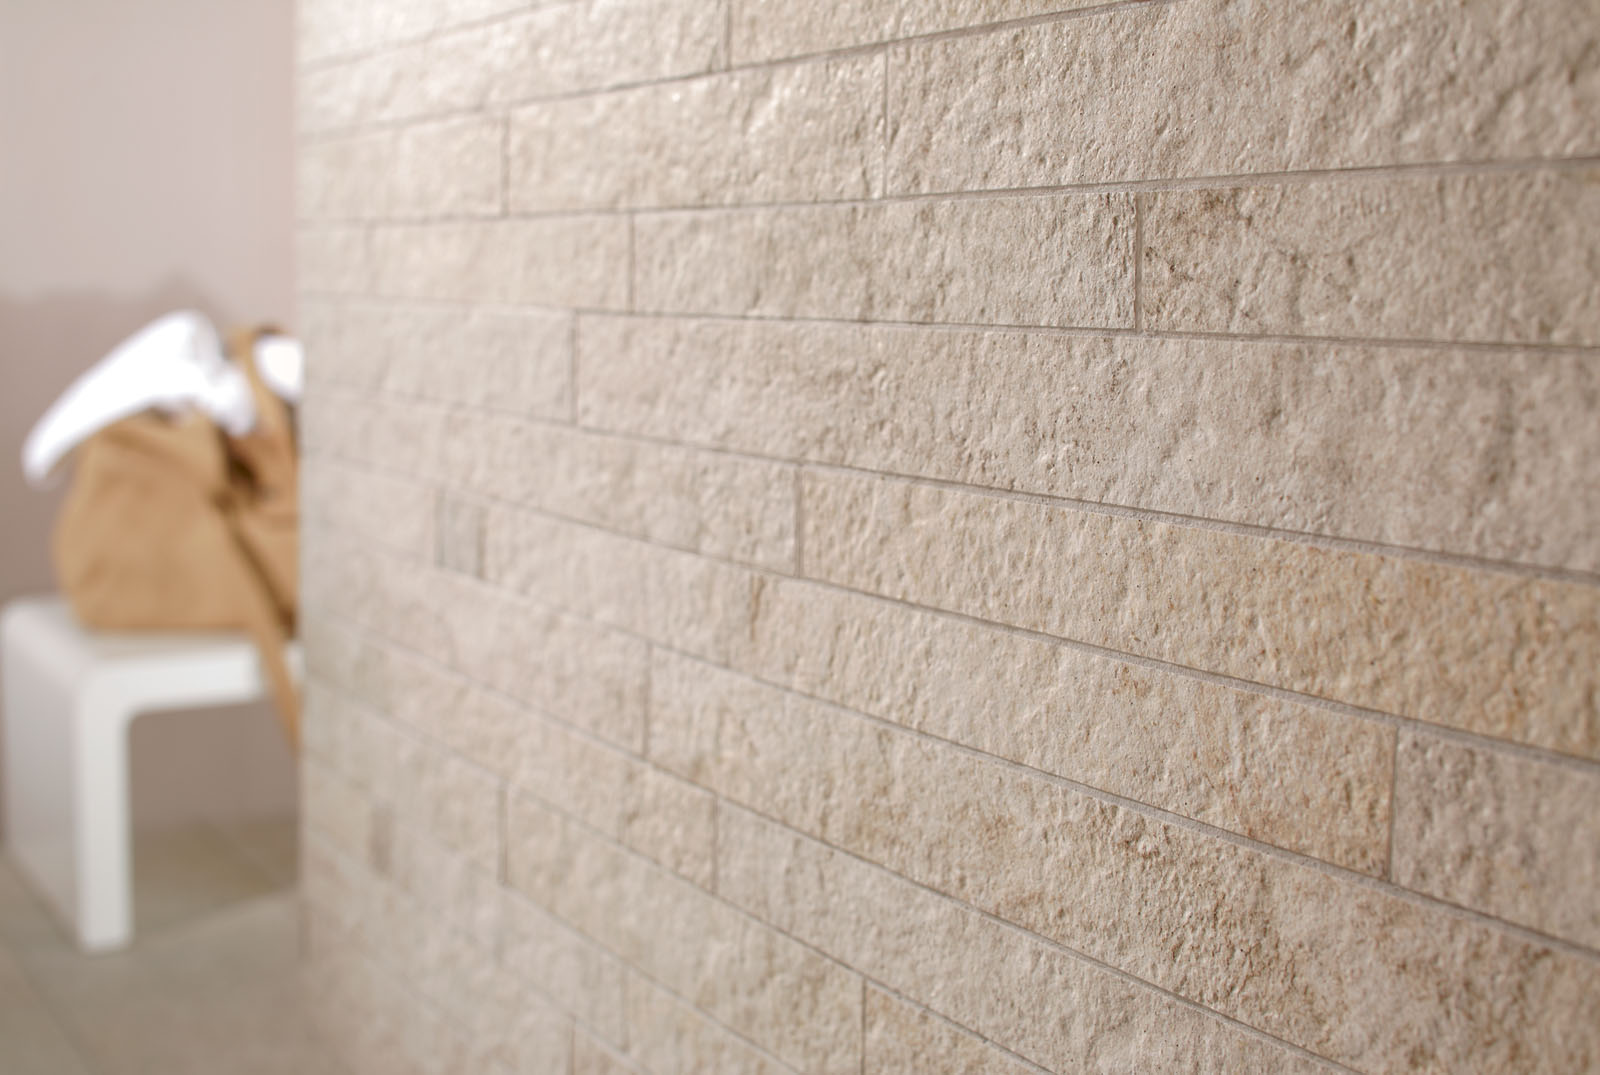 Piastrelle a mosaico per bagno e altri ambienti marazzi for Pavimenti mosaici per interni